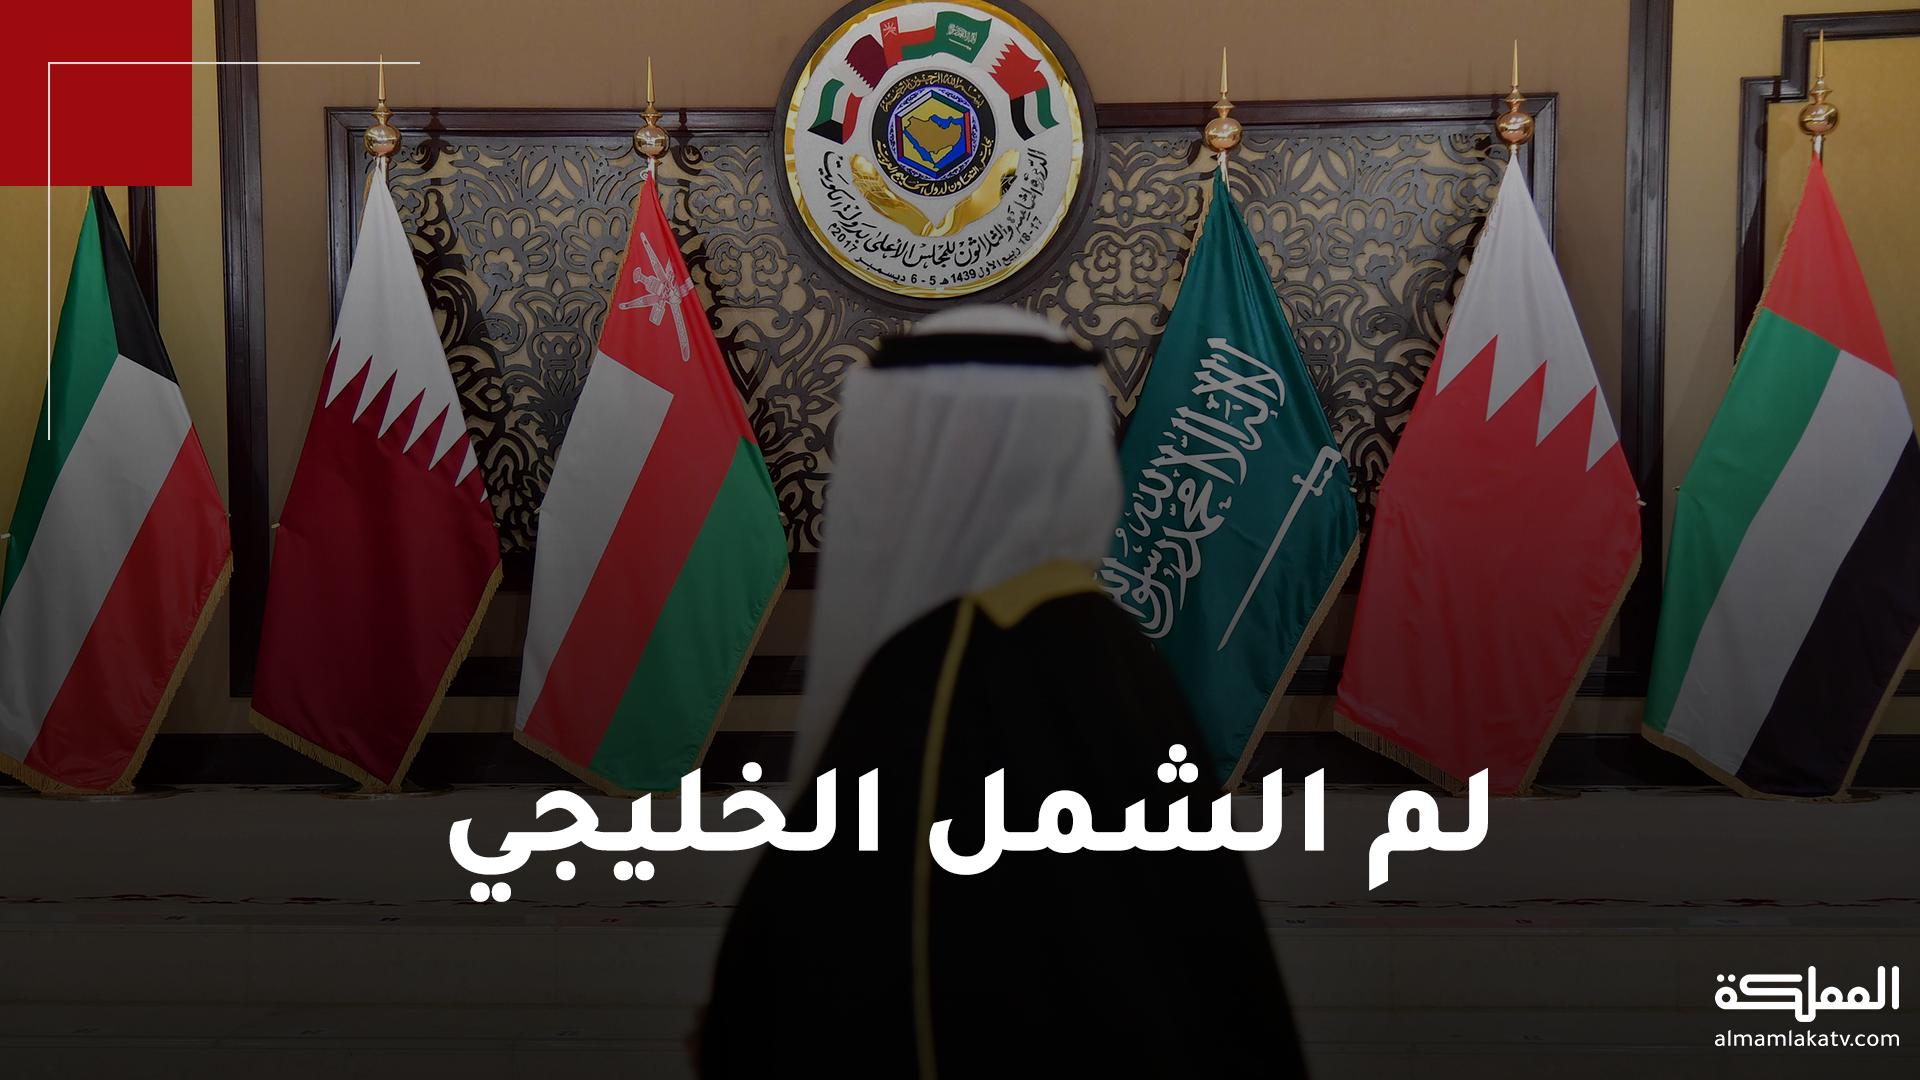 """عشية انعقاد قمة """"مجلس التعاون"""" في السعودية.. الشمل الخليجي يلتئم بعد 4 سنوات عجاف"""